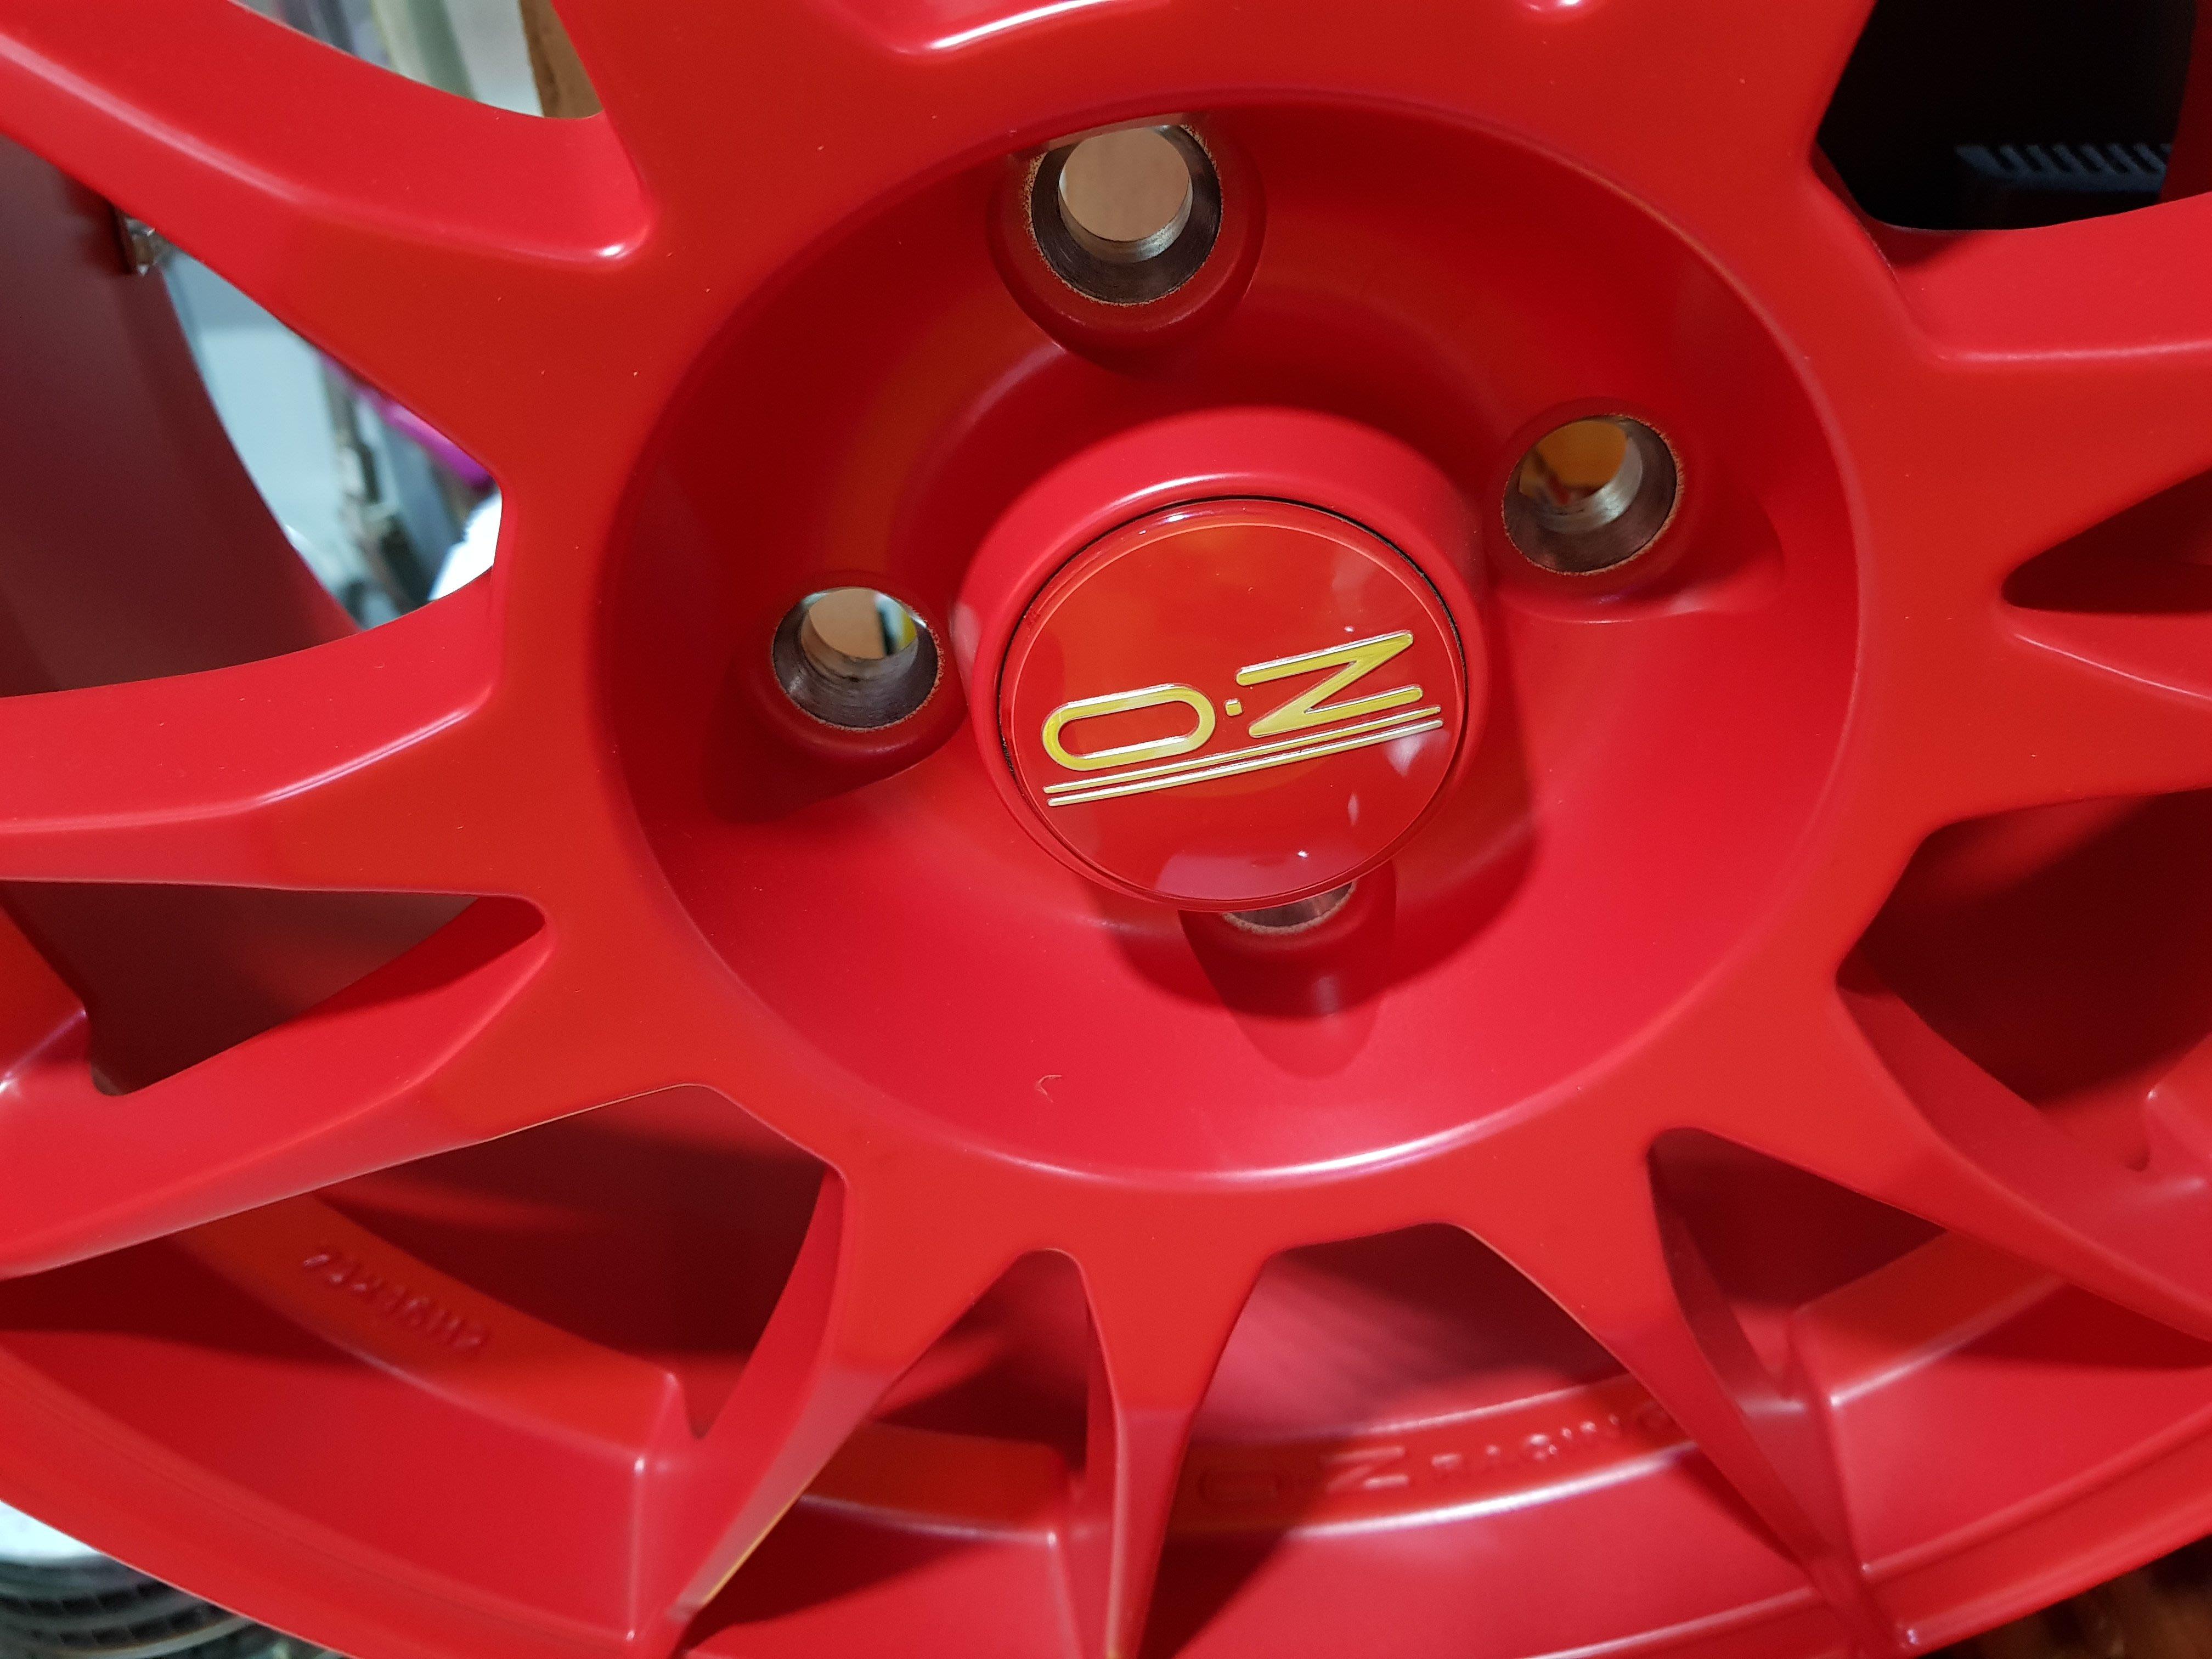 正OZ 鍛造鋁圈 4孔100 輕量化鋁圈 OZ鋁圈 16吋鋁圈 OZ (只有一組7J)205/45/16 AD08r